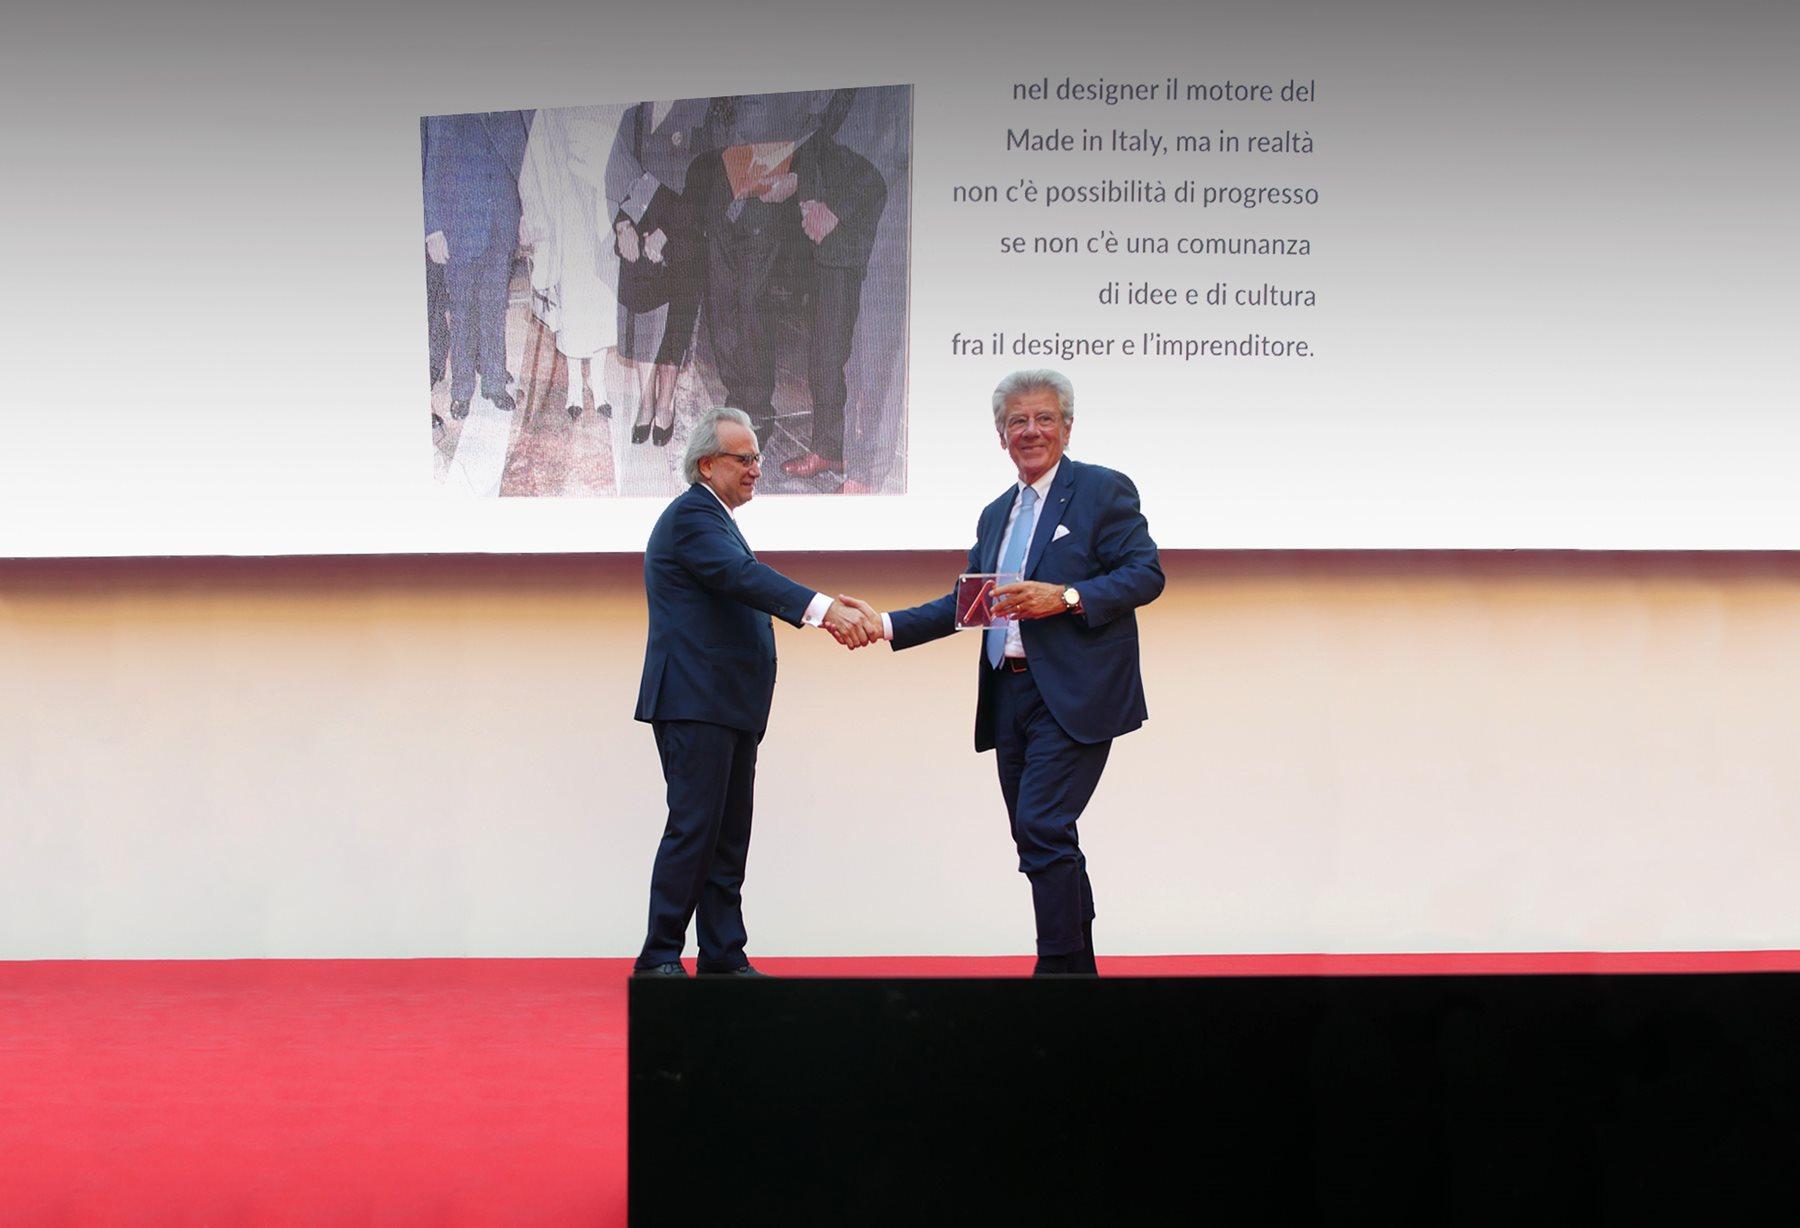 Adolfo Guzzini receives the Compasso d'Oro Award